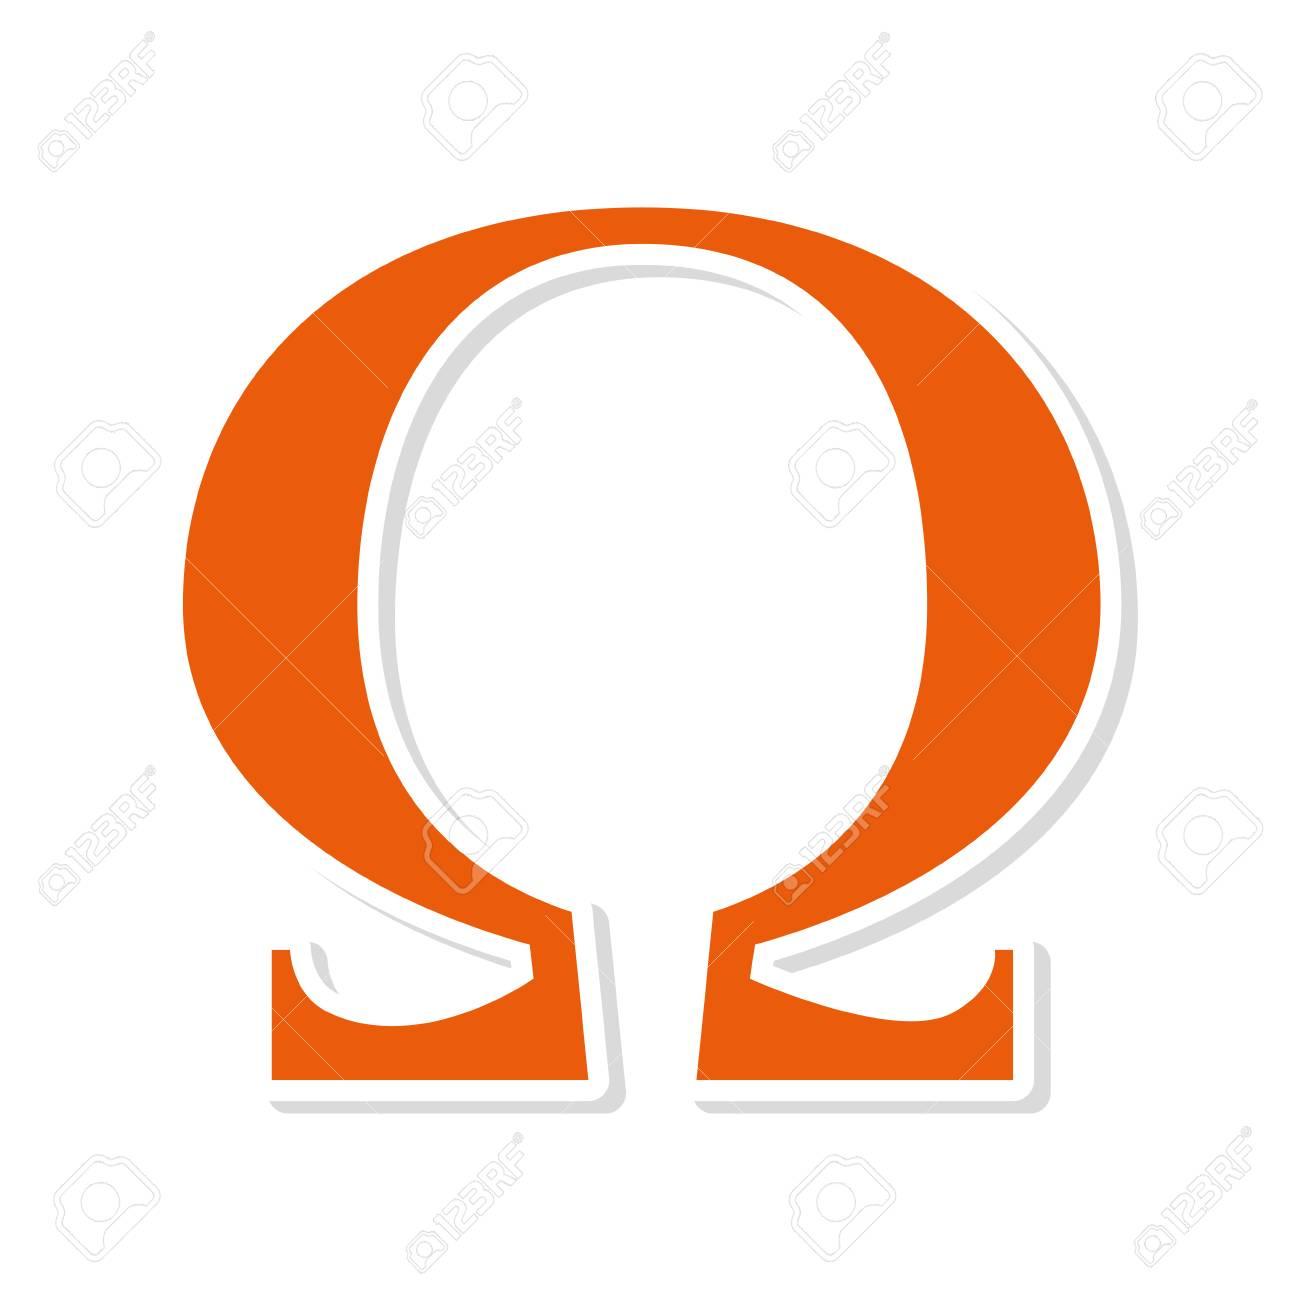 Omega symbol alphabet letter greek sign vector isolated omega symbol alphabet letter greek sign vector isolated illustration stock vector 61293586 biocorpaavc Gallery